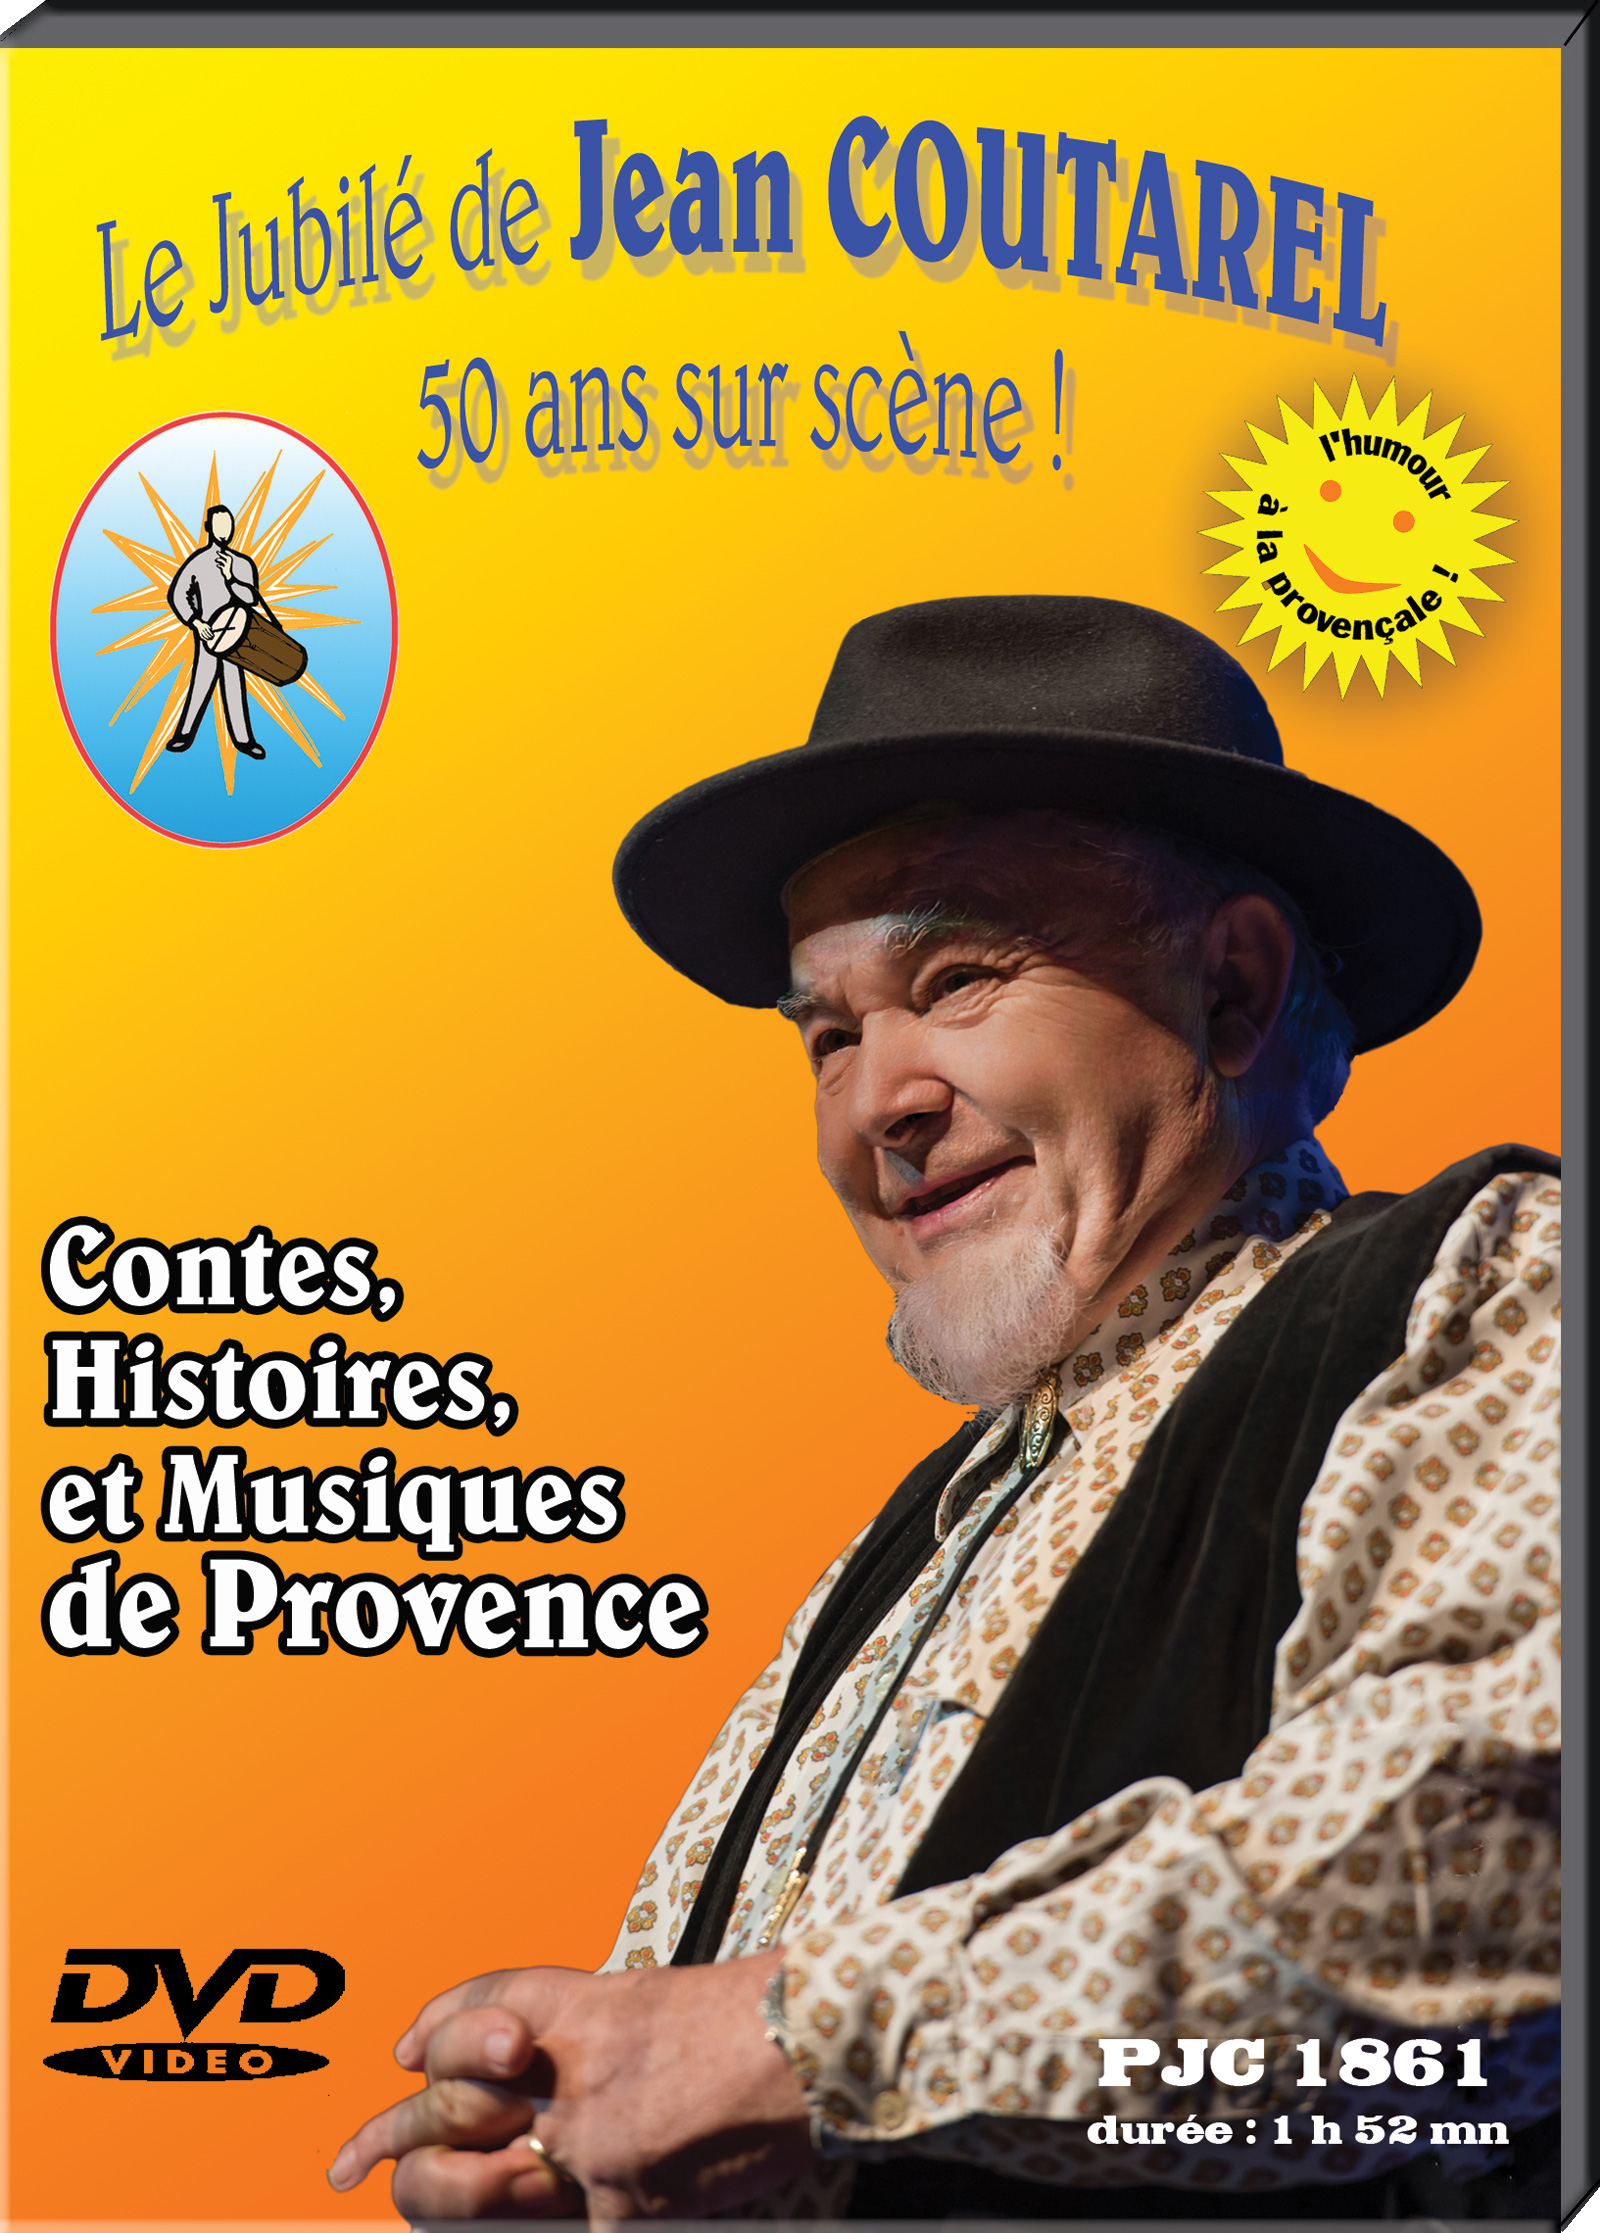 DVD PJC1861